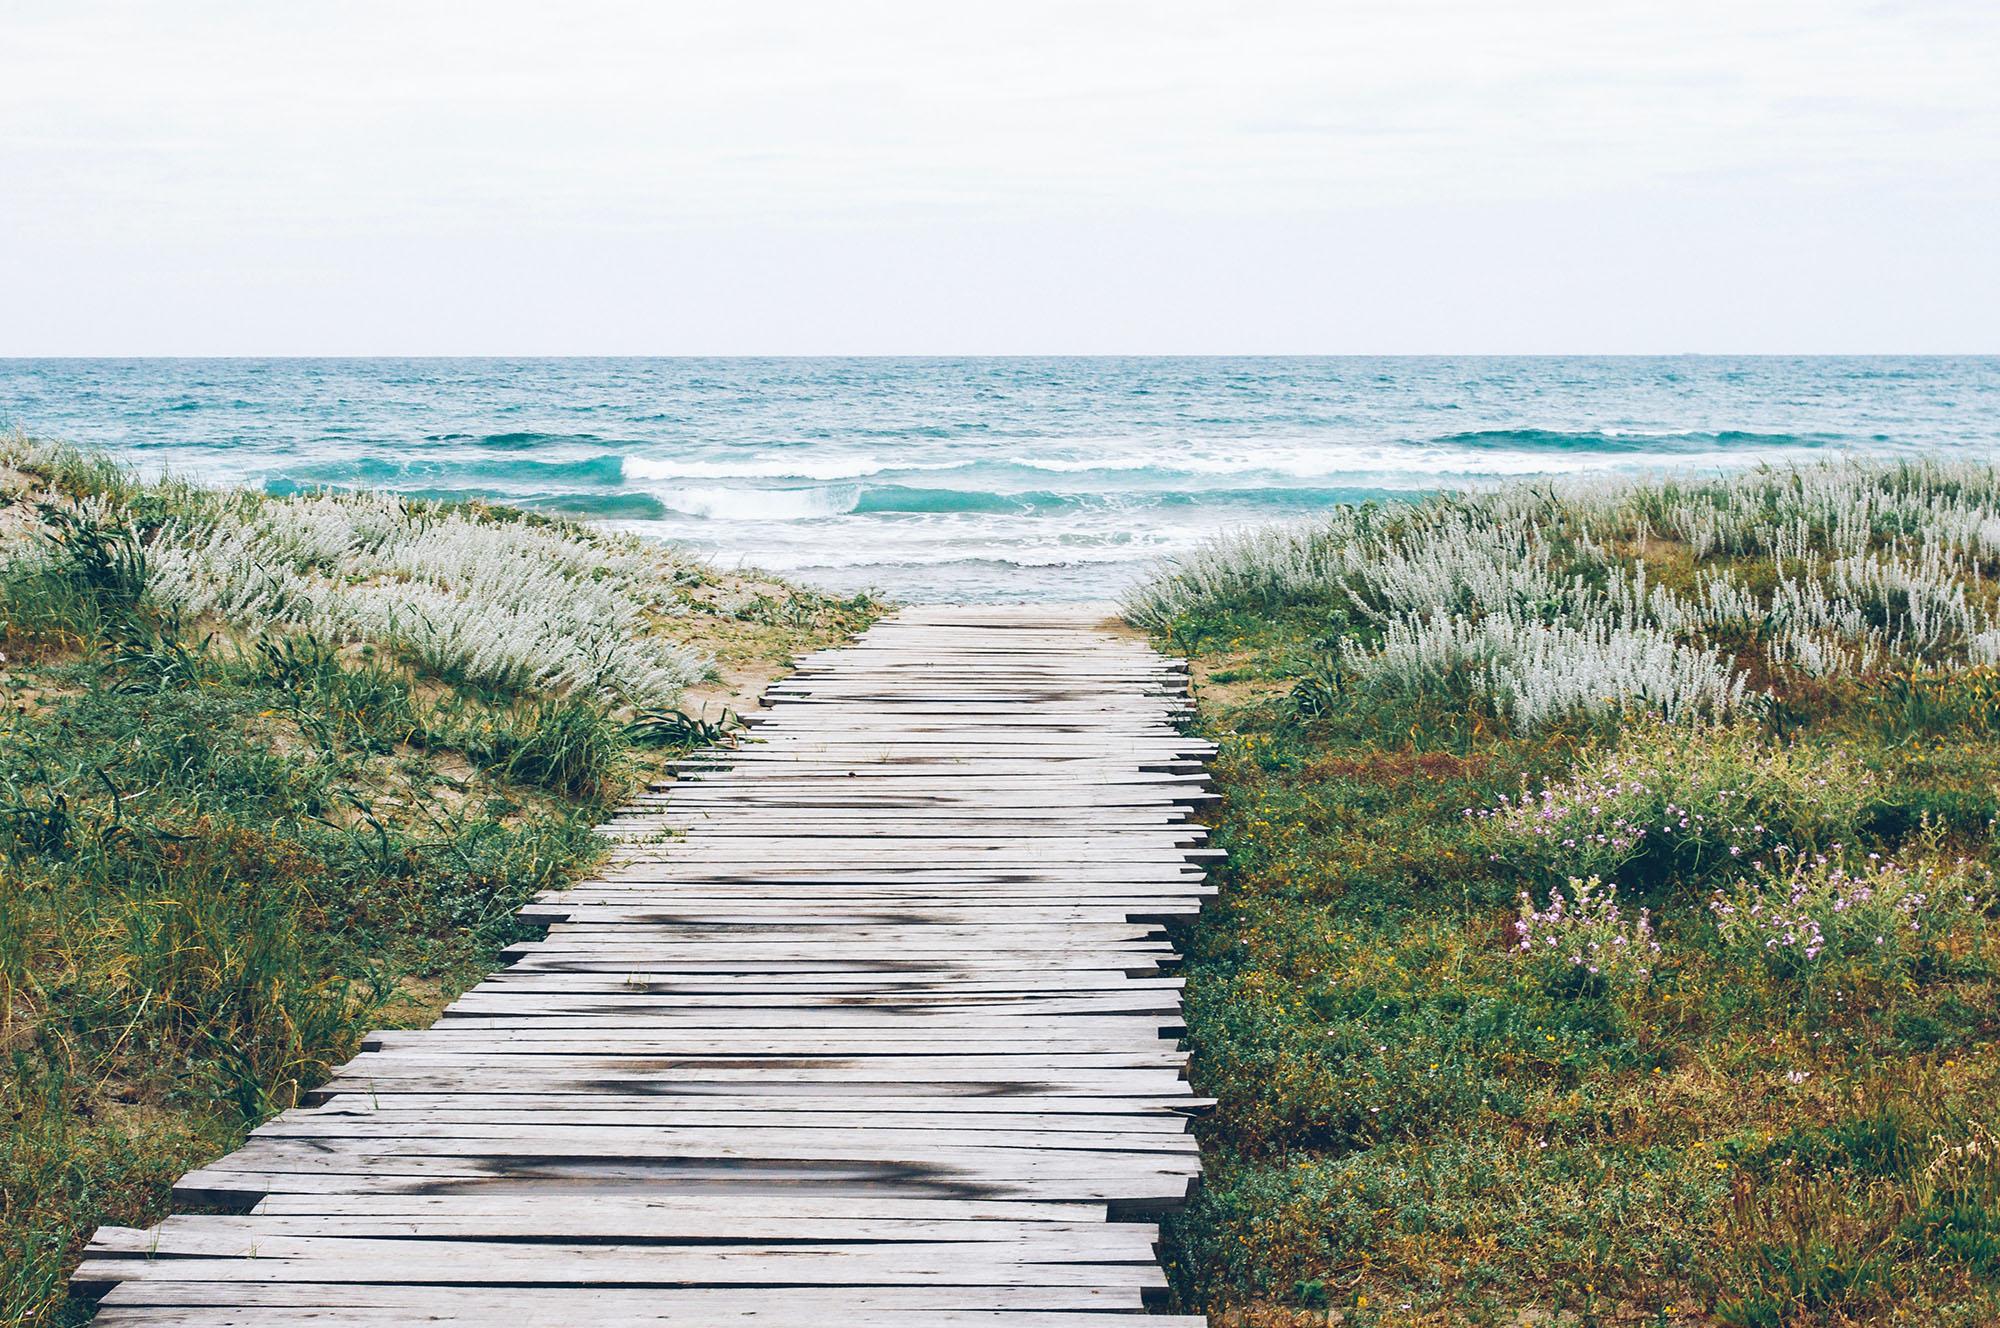 đại dương hệ sinh thái biển